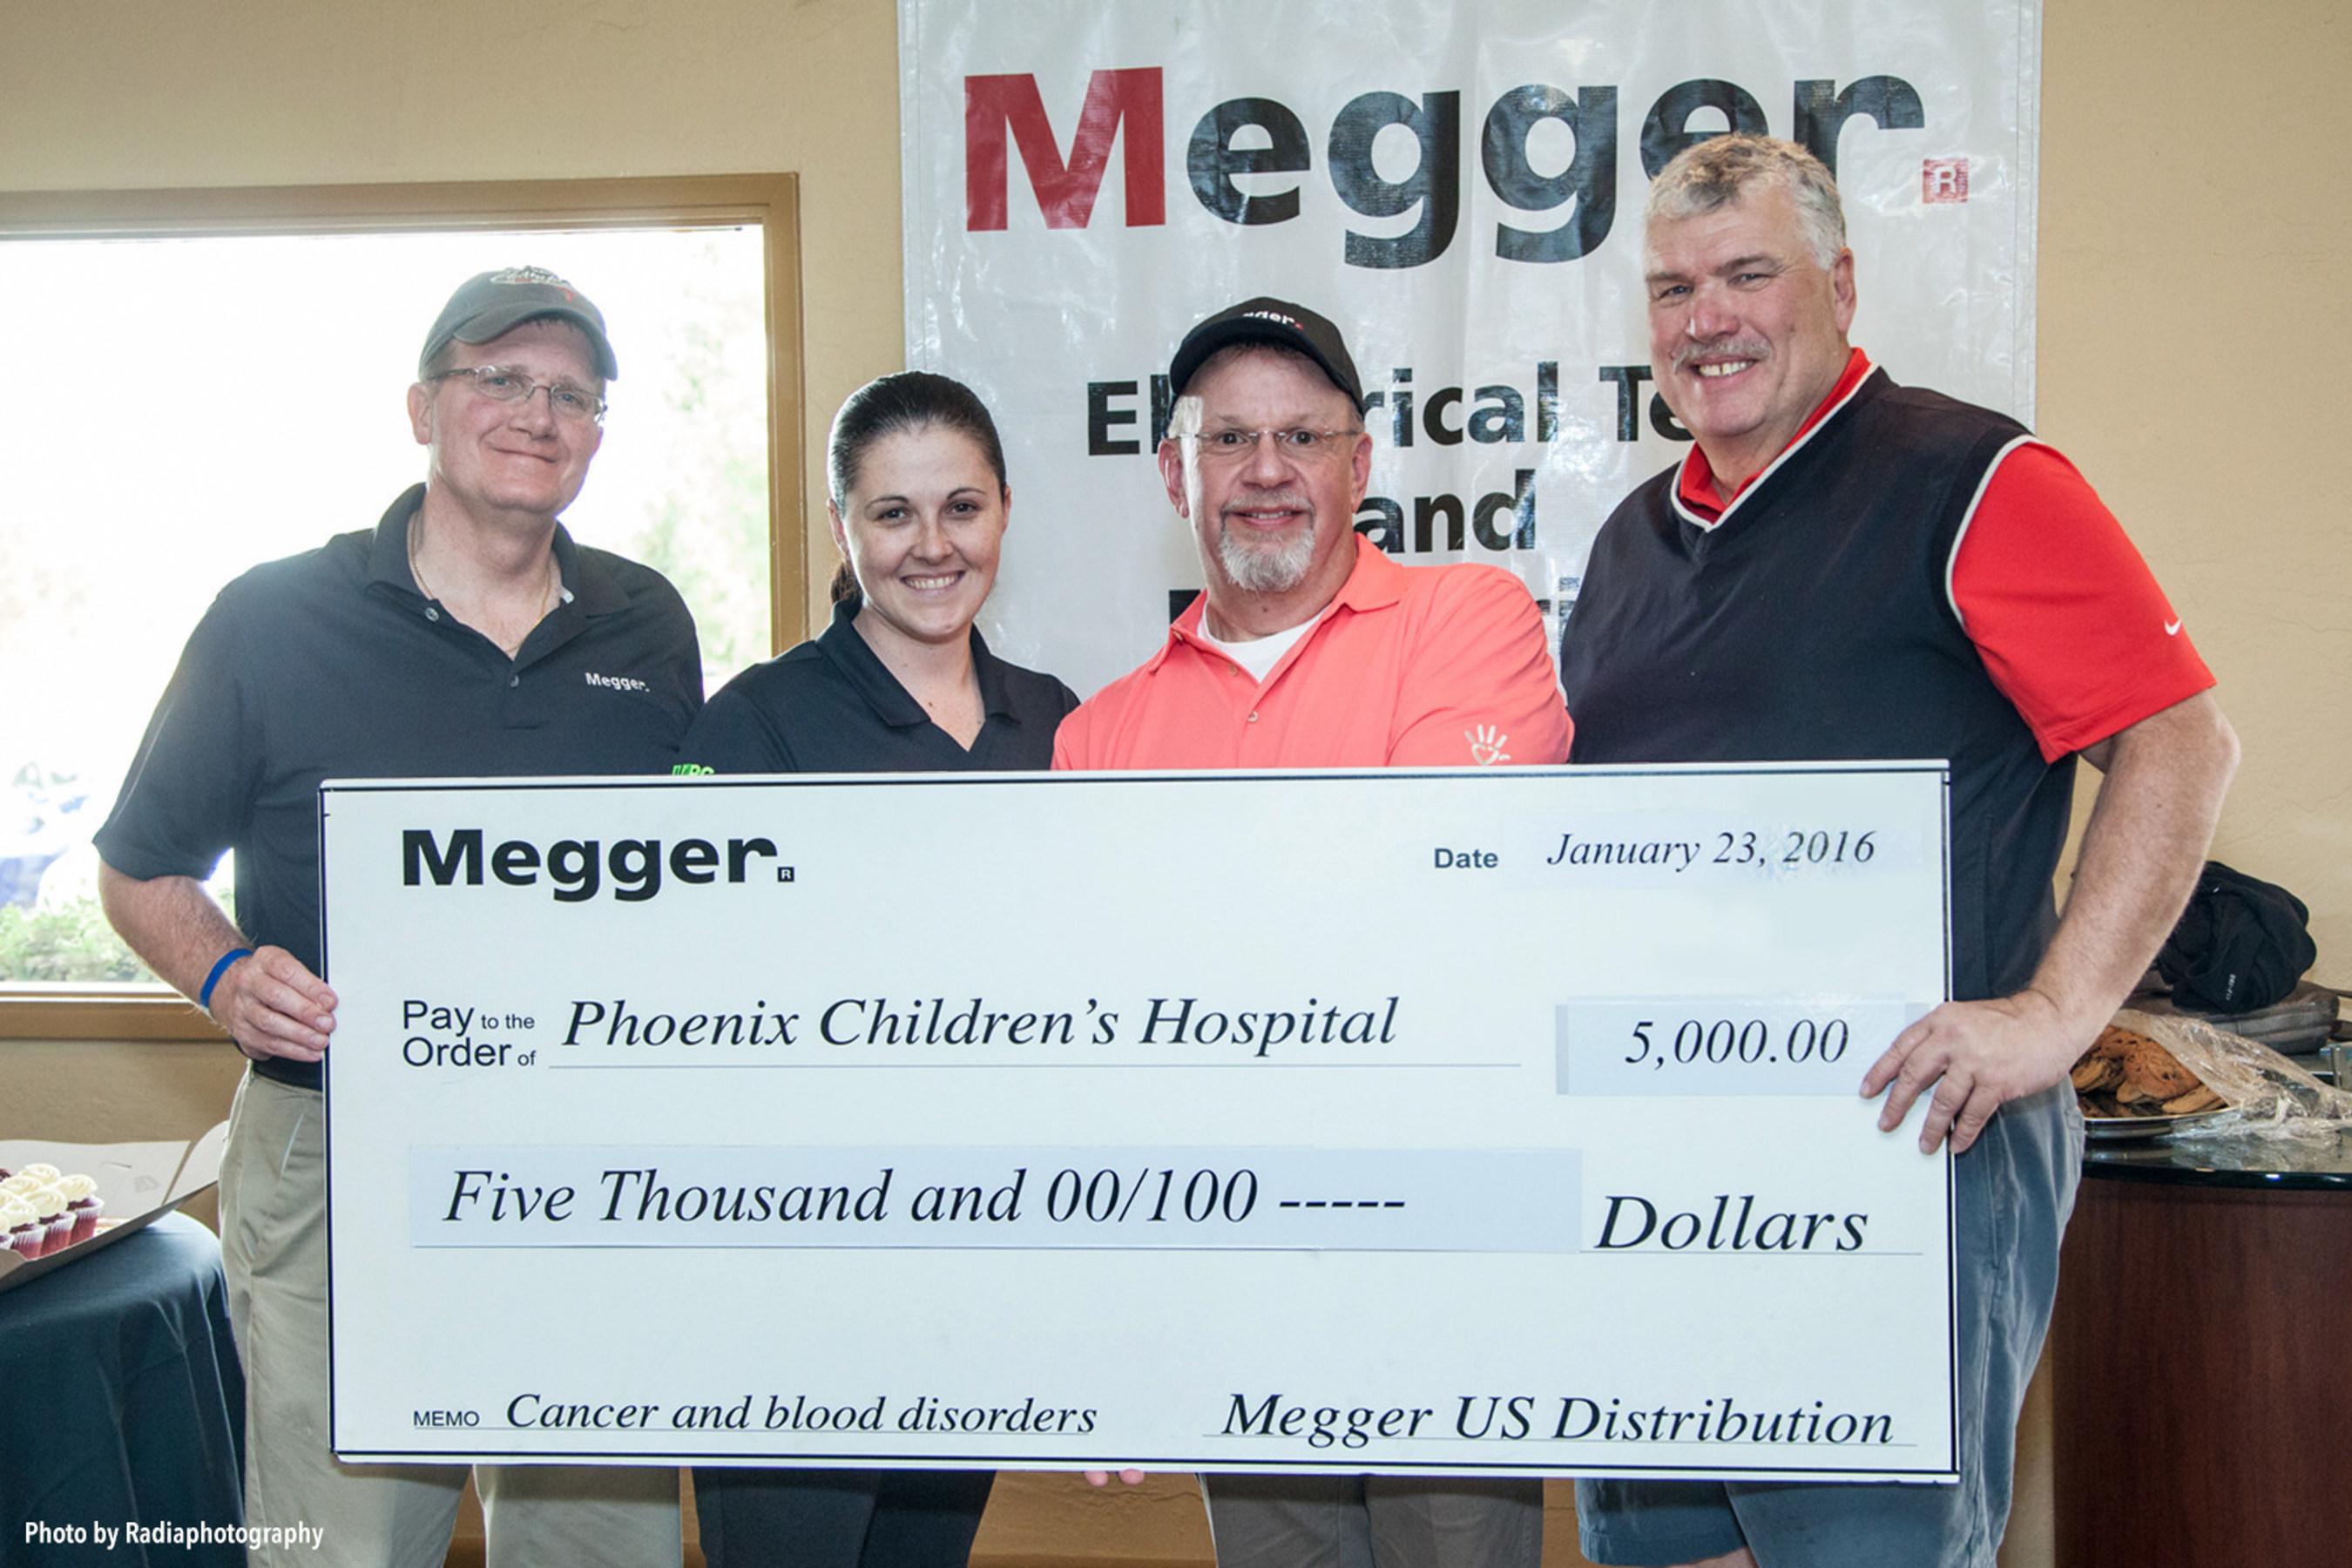 Megger Raises $7,500 for Phoenix Children's Hospital Foundation